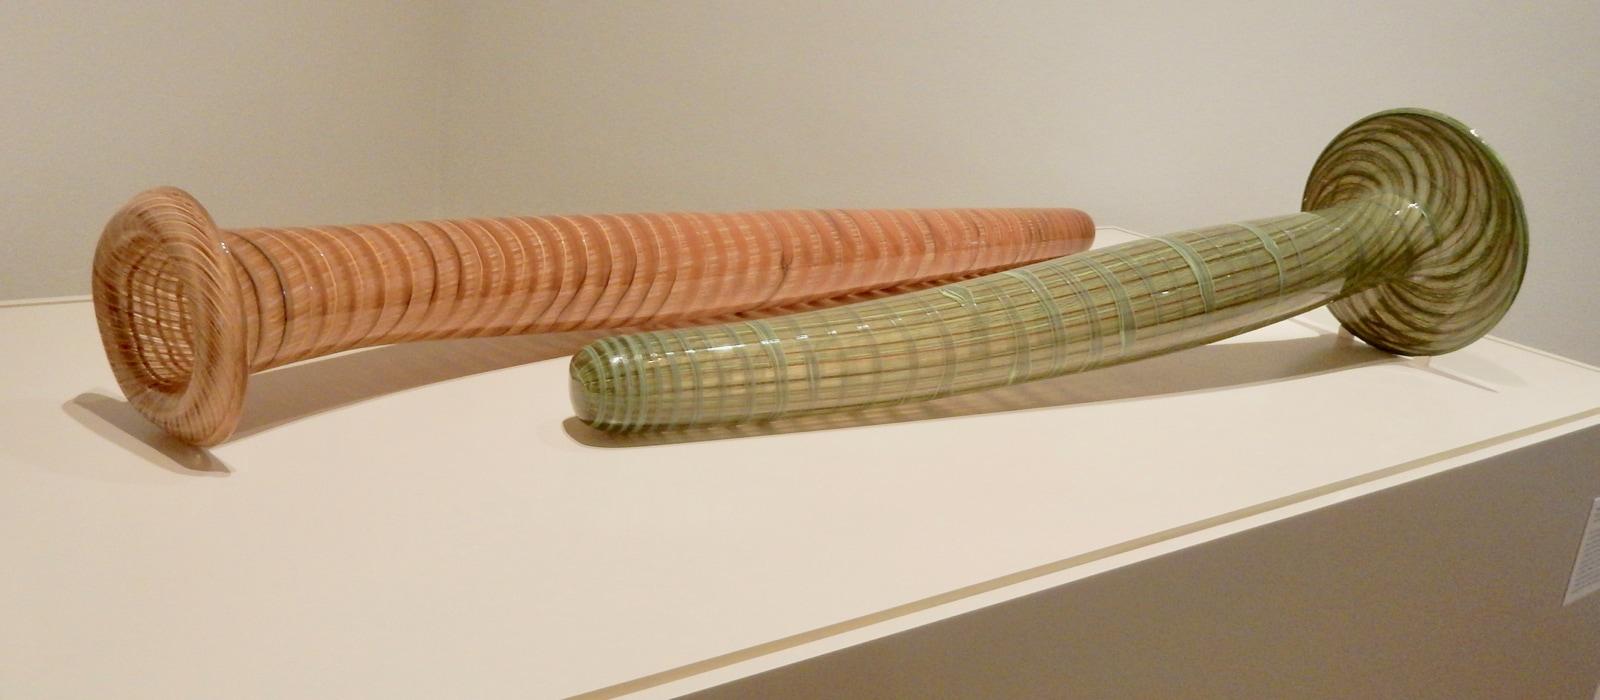 Glass interpreted fish nets Kluge-Ruhe Aboriginal Art Museum Charlottesville VA